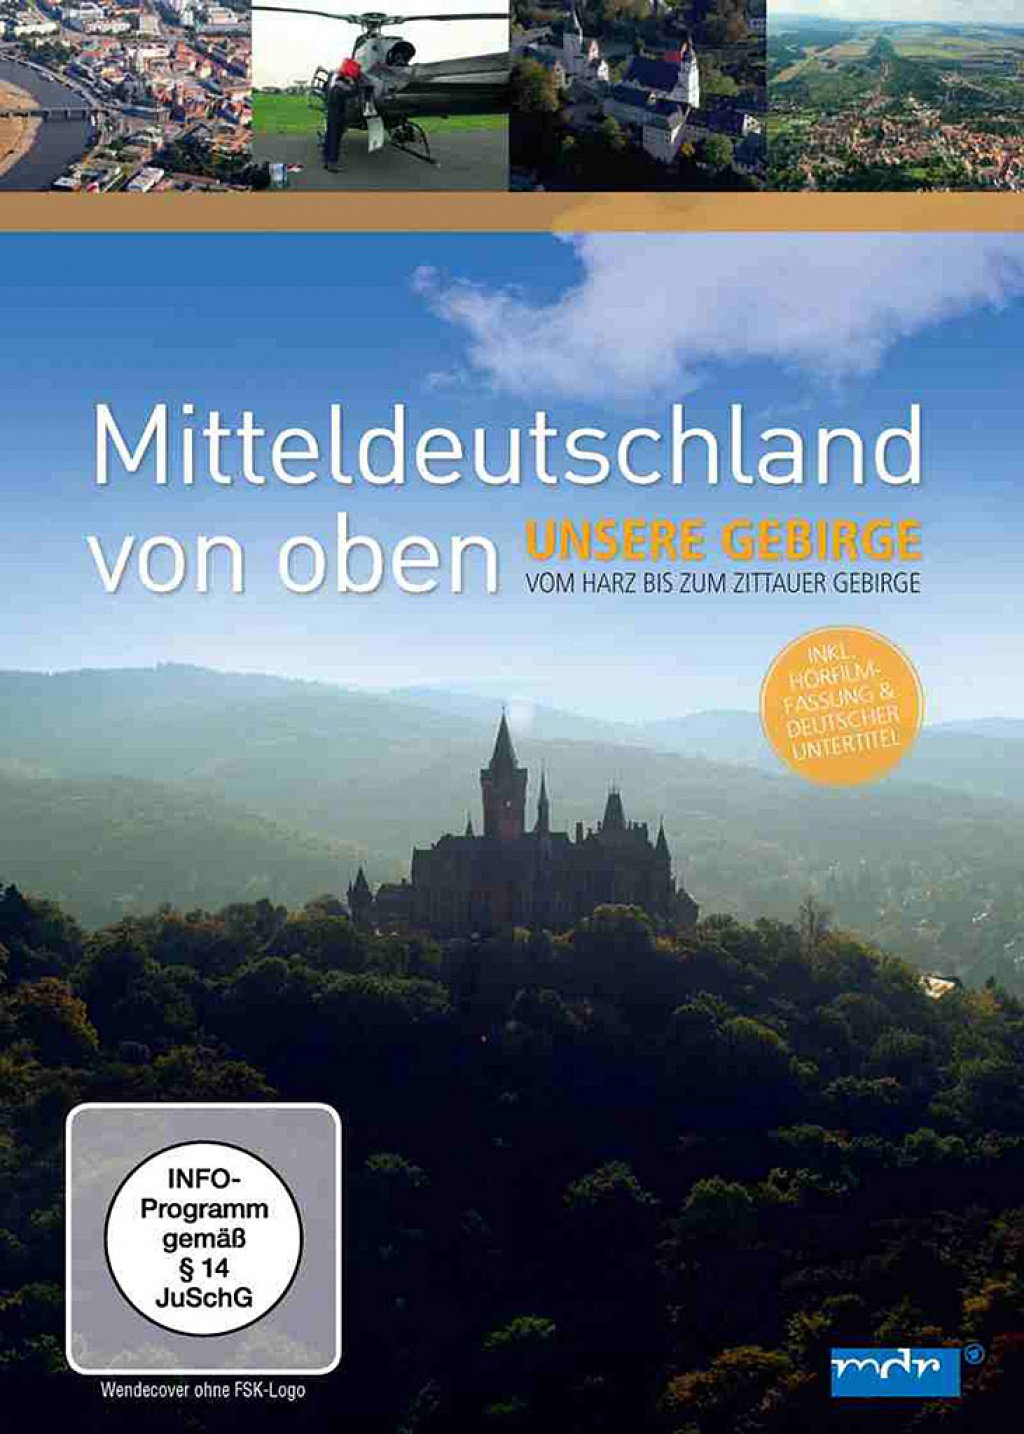 Mitteldeutschland von oben - Unsere Gebirge (DVD)